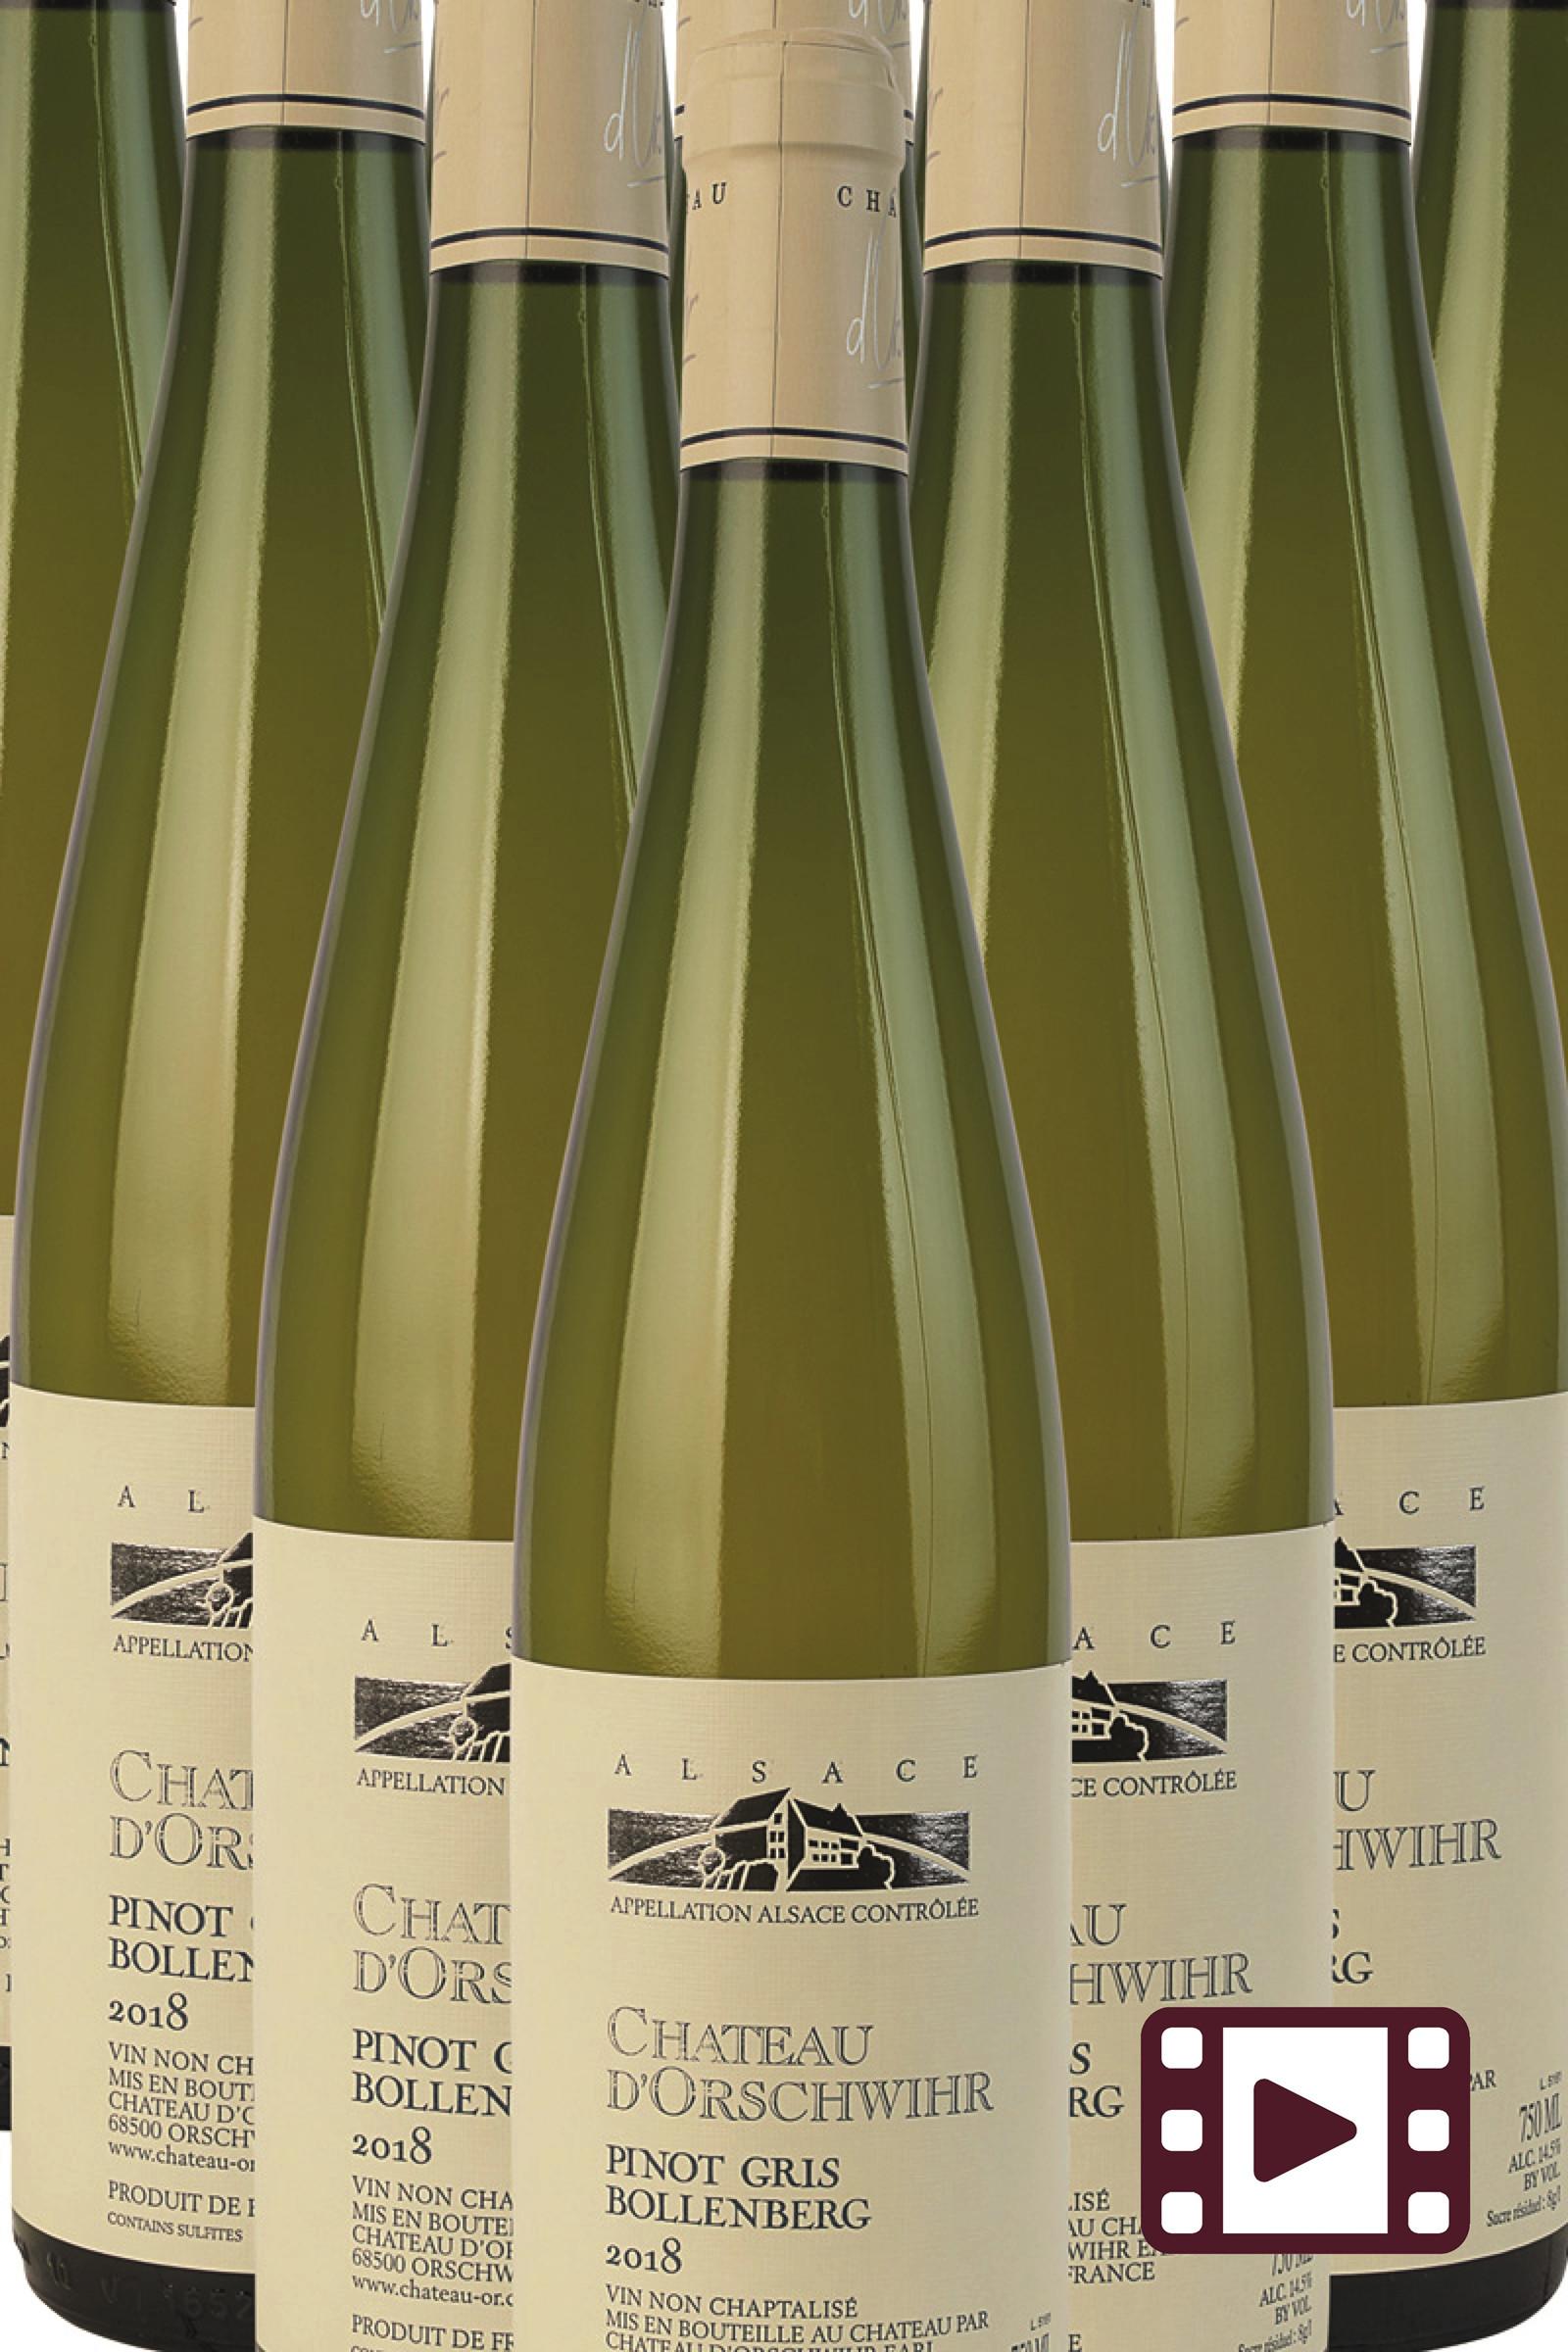 Alsace Pinot Gris Bollenberg